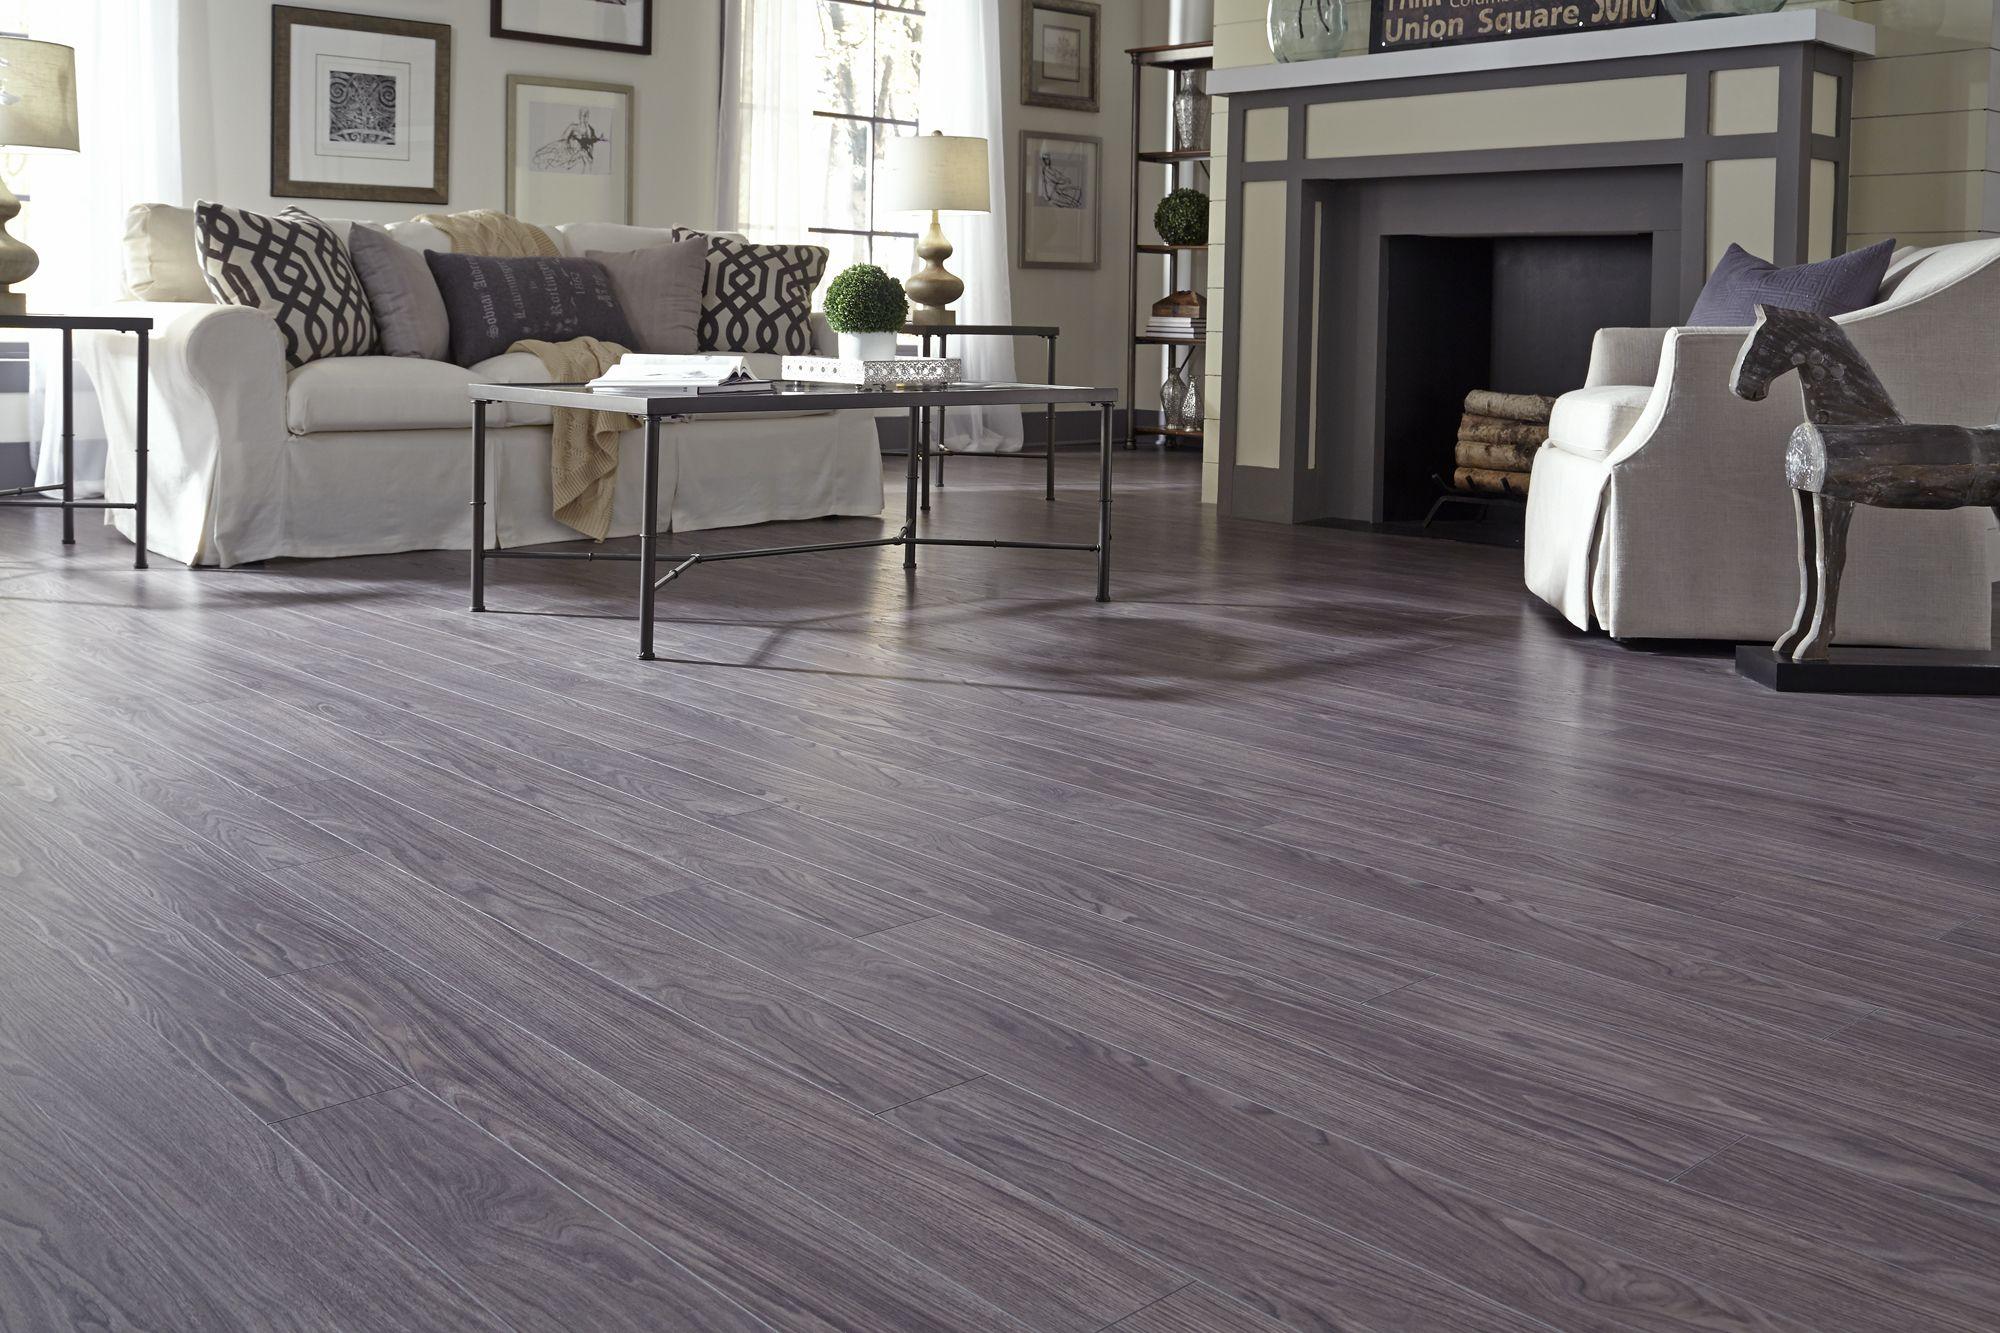 Redwater river hewed oak a dream home laminate floors for Dream home laminate floor cleaner